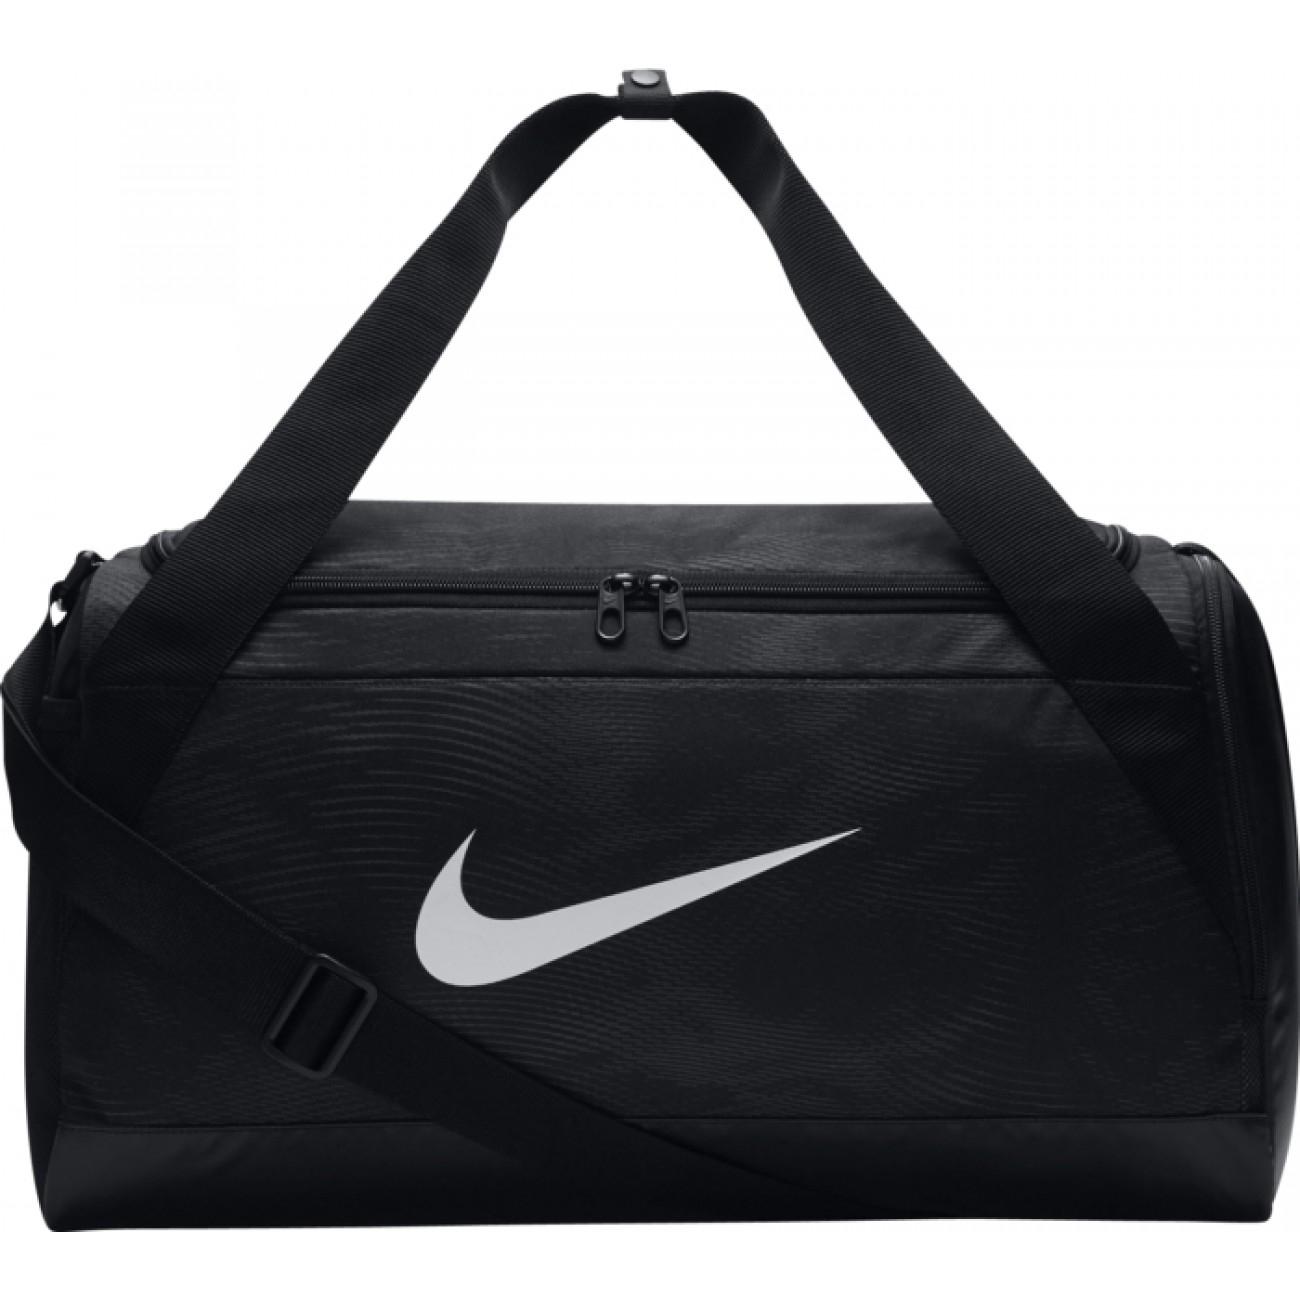 Sélection d'articles en promotion - Ex : Sac de sport Nike Brasilia S NR